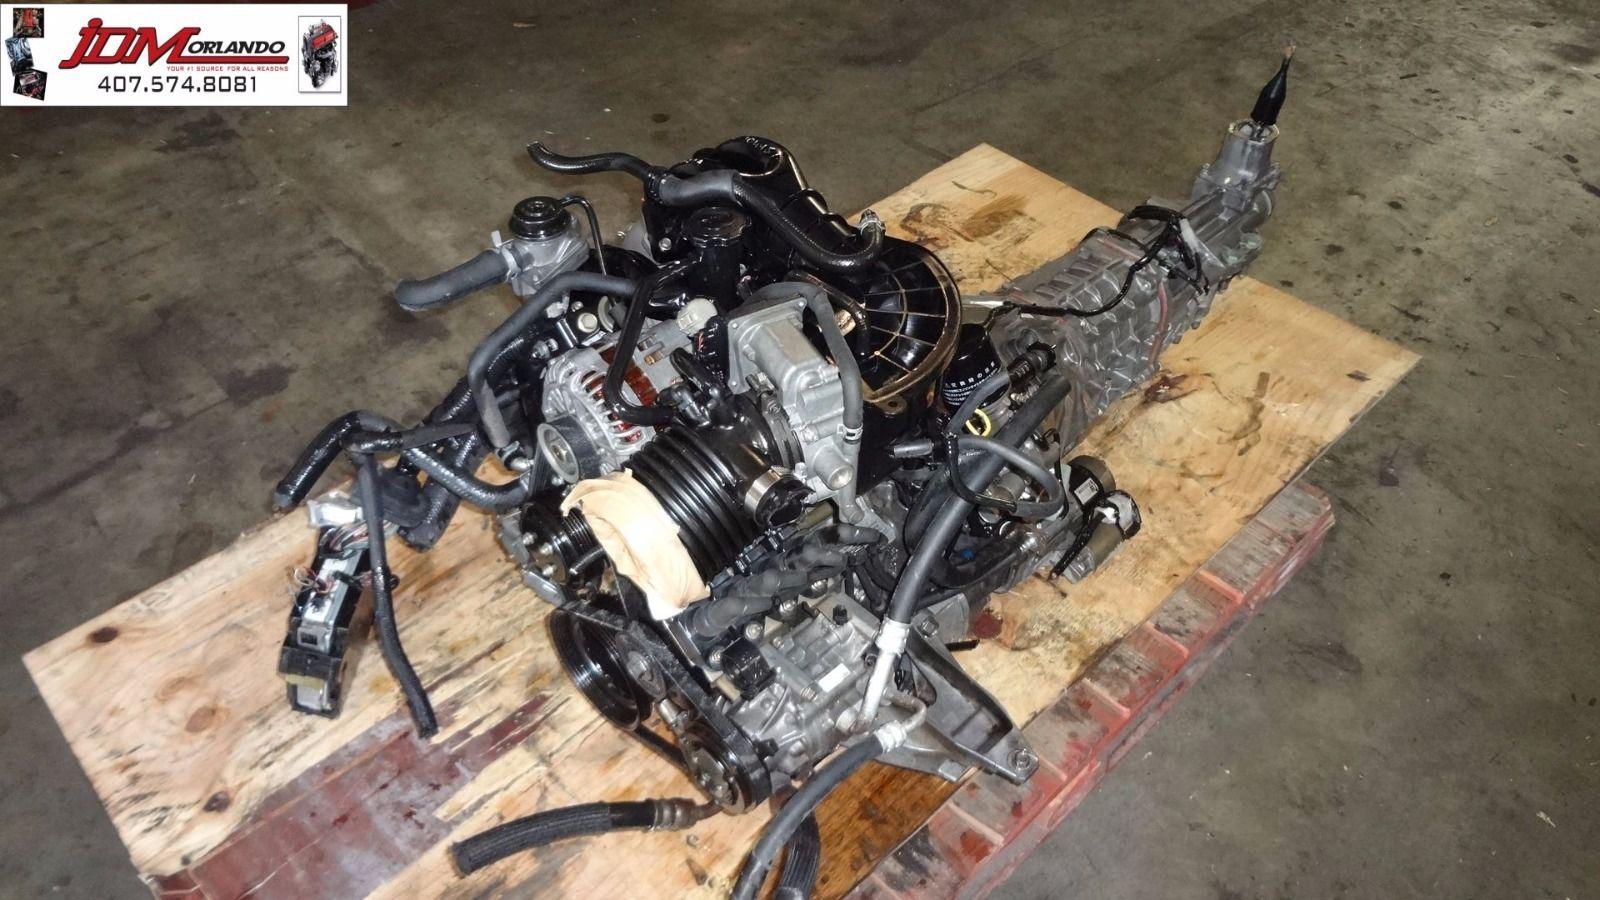 03-08 Mazda Rx8 1 3l 6 Port Rotary Manual Version Engine Loom & Ecu JDM 13B